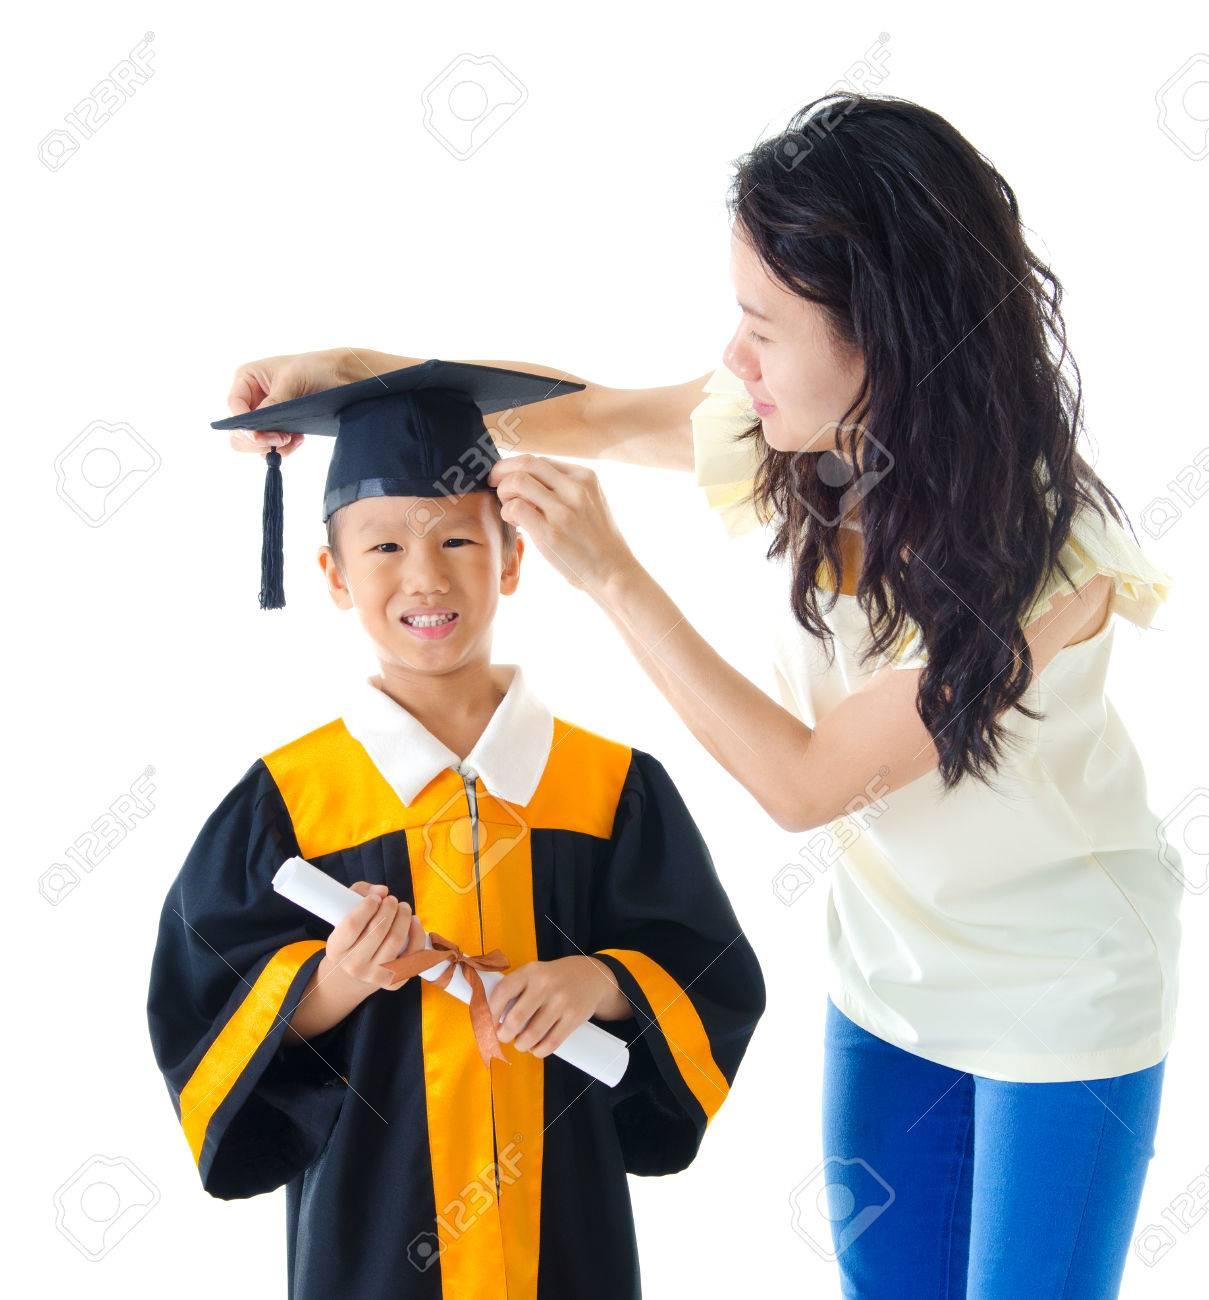 Cap and gown for kindergarten - Asian Kindergarten Kid In Graduation Gown And Mortarboard Stock Photo 44248619